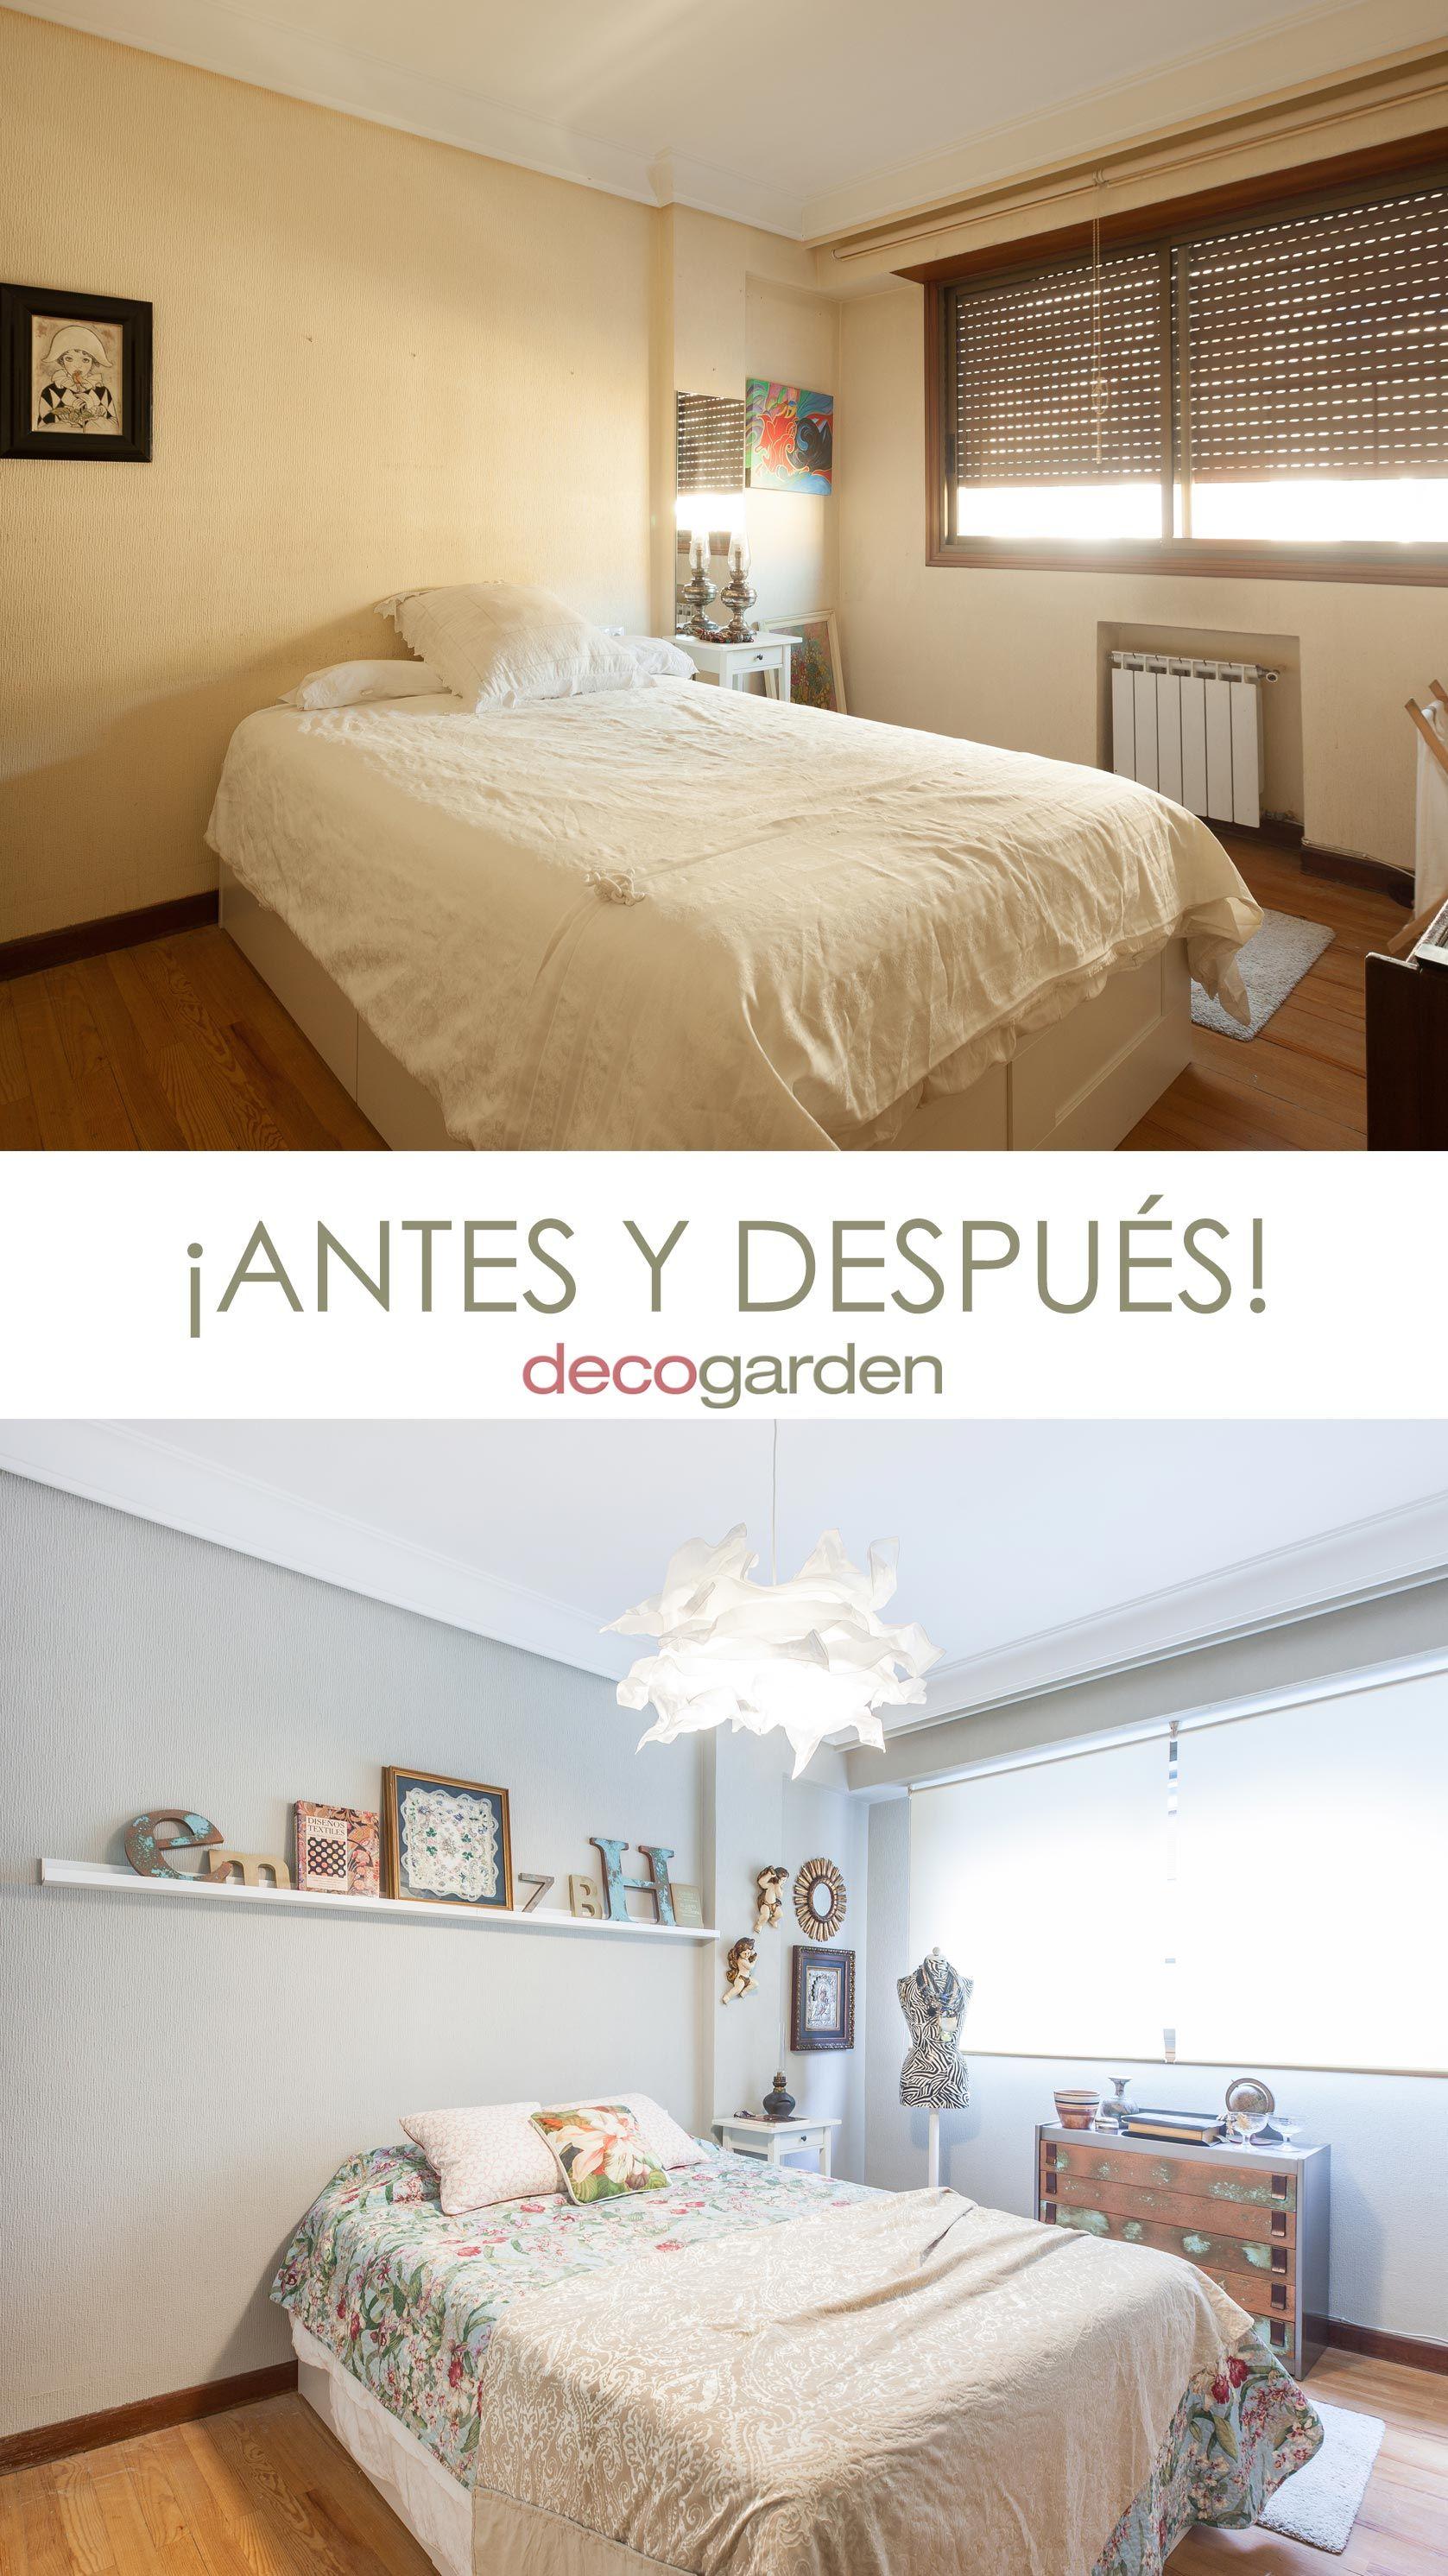 Decorar dormitorio romántico - antes y después